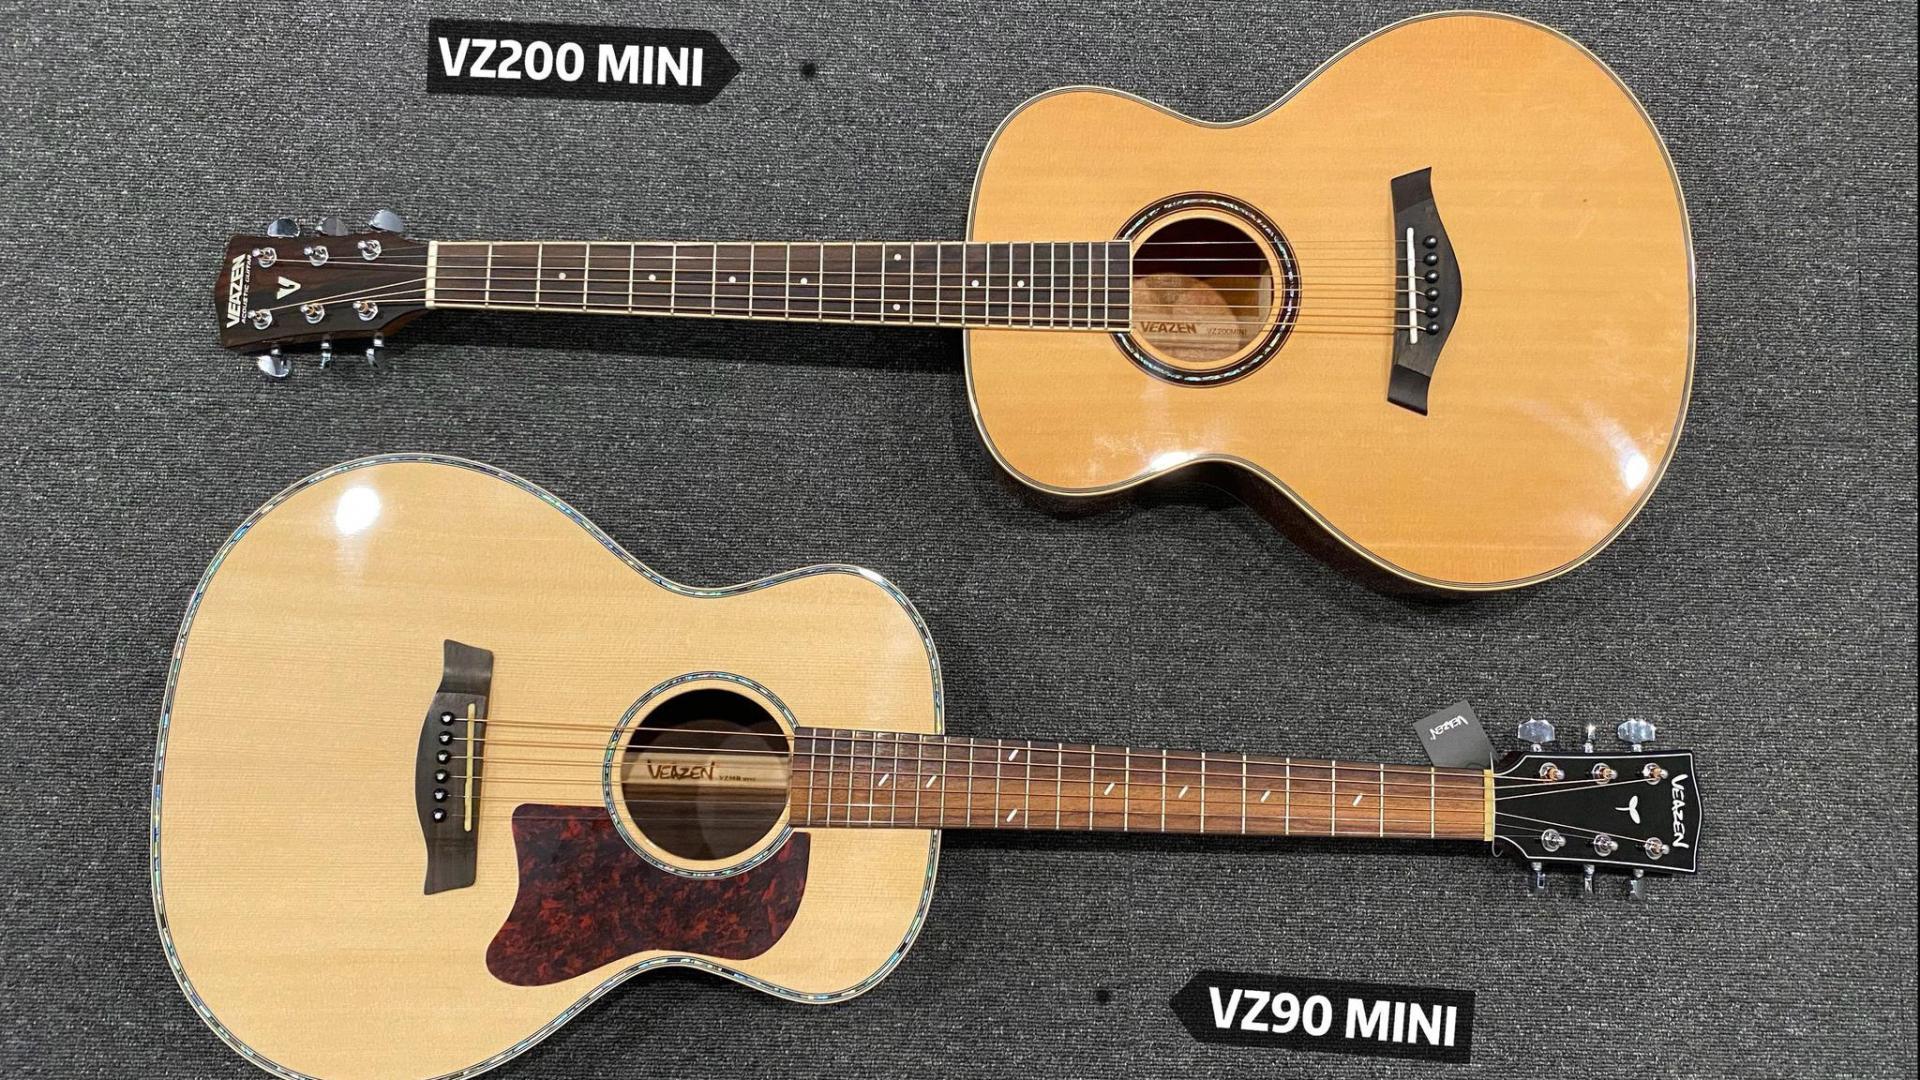 儿童小吉他怎么选?推荐两款适合男女生的高性价比36寸旅行民谣吉他!